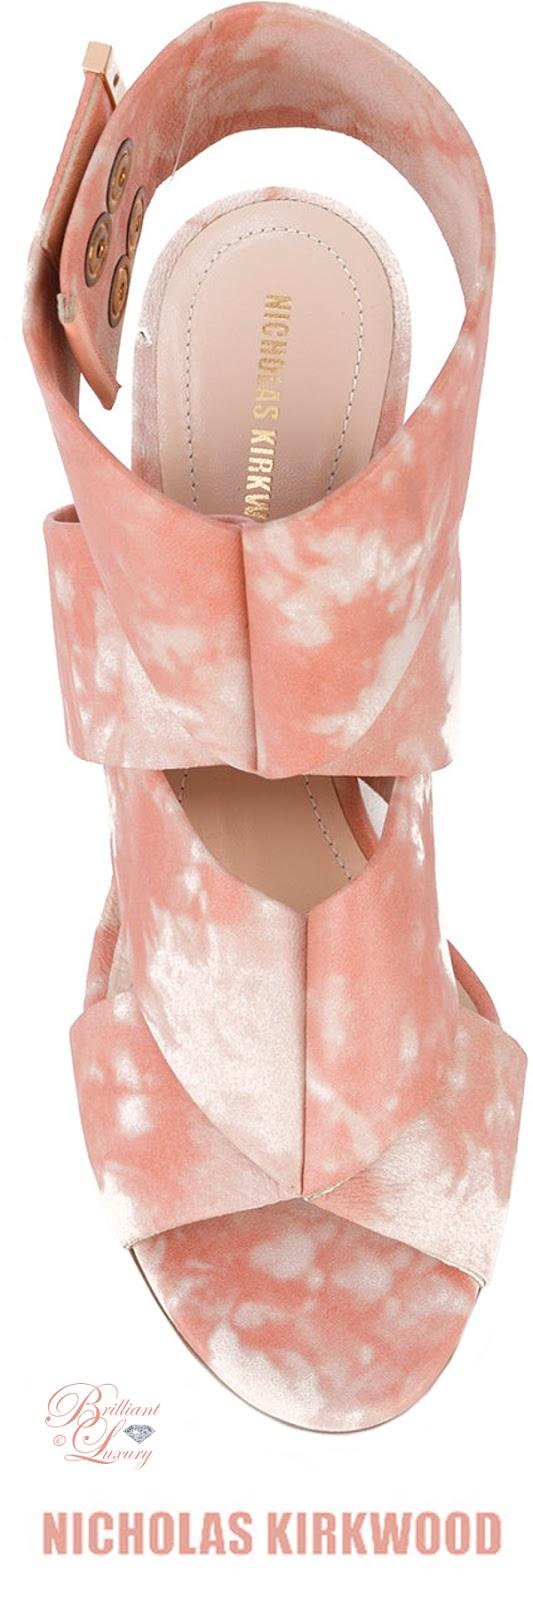 Brilliant Luxury ♦ Nicolas Kirkwood Nini sandals